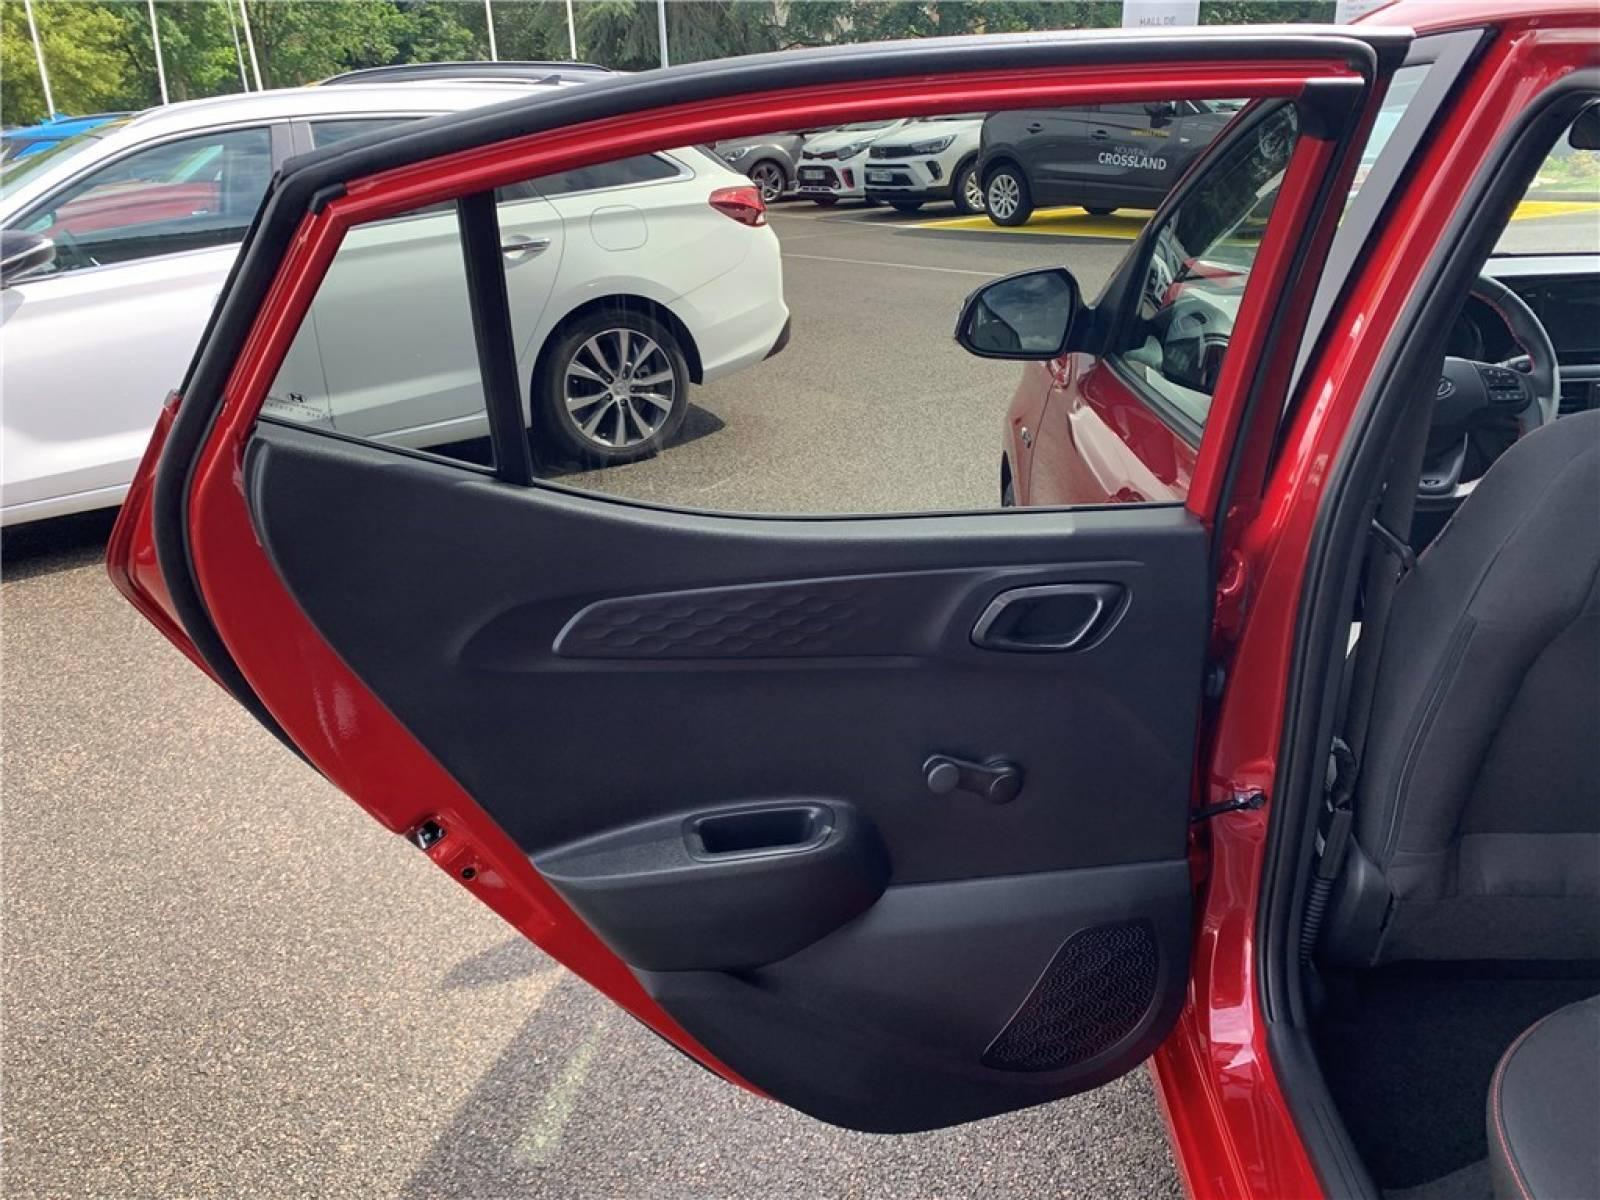 HYUNDAI i10 1.2 84 - véhicule d'occasion - Groupe Guillet - Hyundai - Zenith Motors – Montceau-les-Mines - 71300 - Montceau-les-Mines - 8